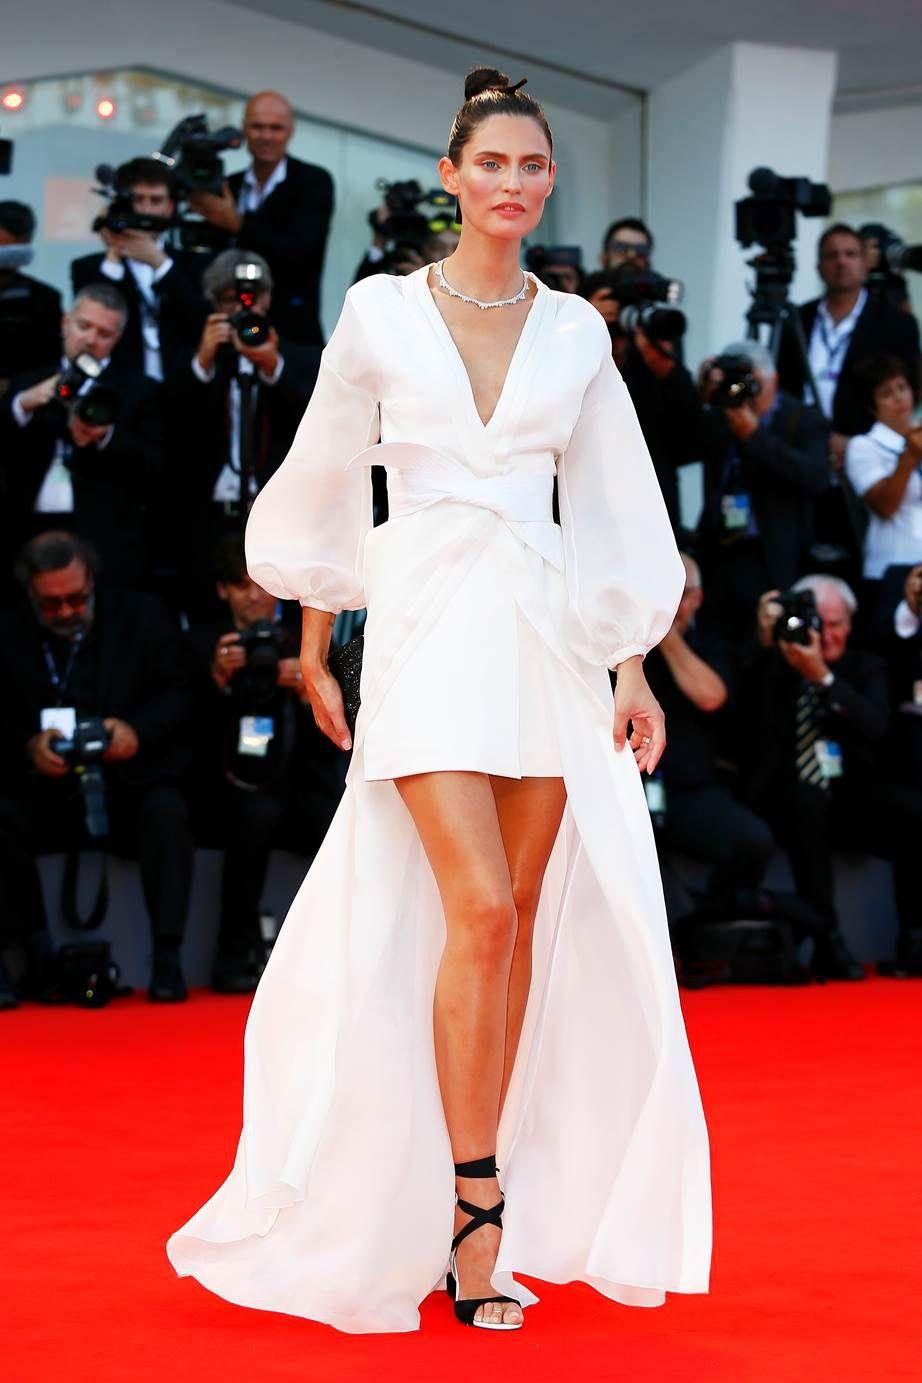 Розкішні сукні знаменитостей на відкритті Венеційського кінофестивалю-2017 - фото 336120